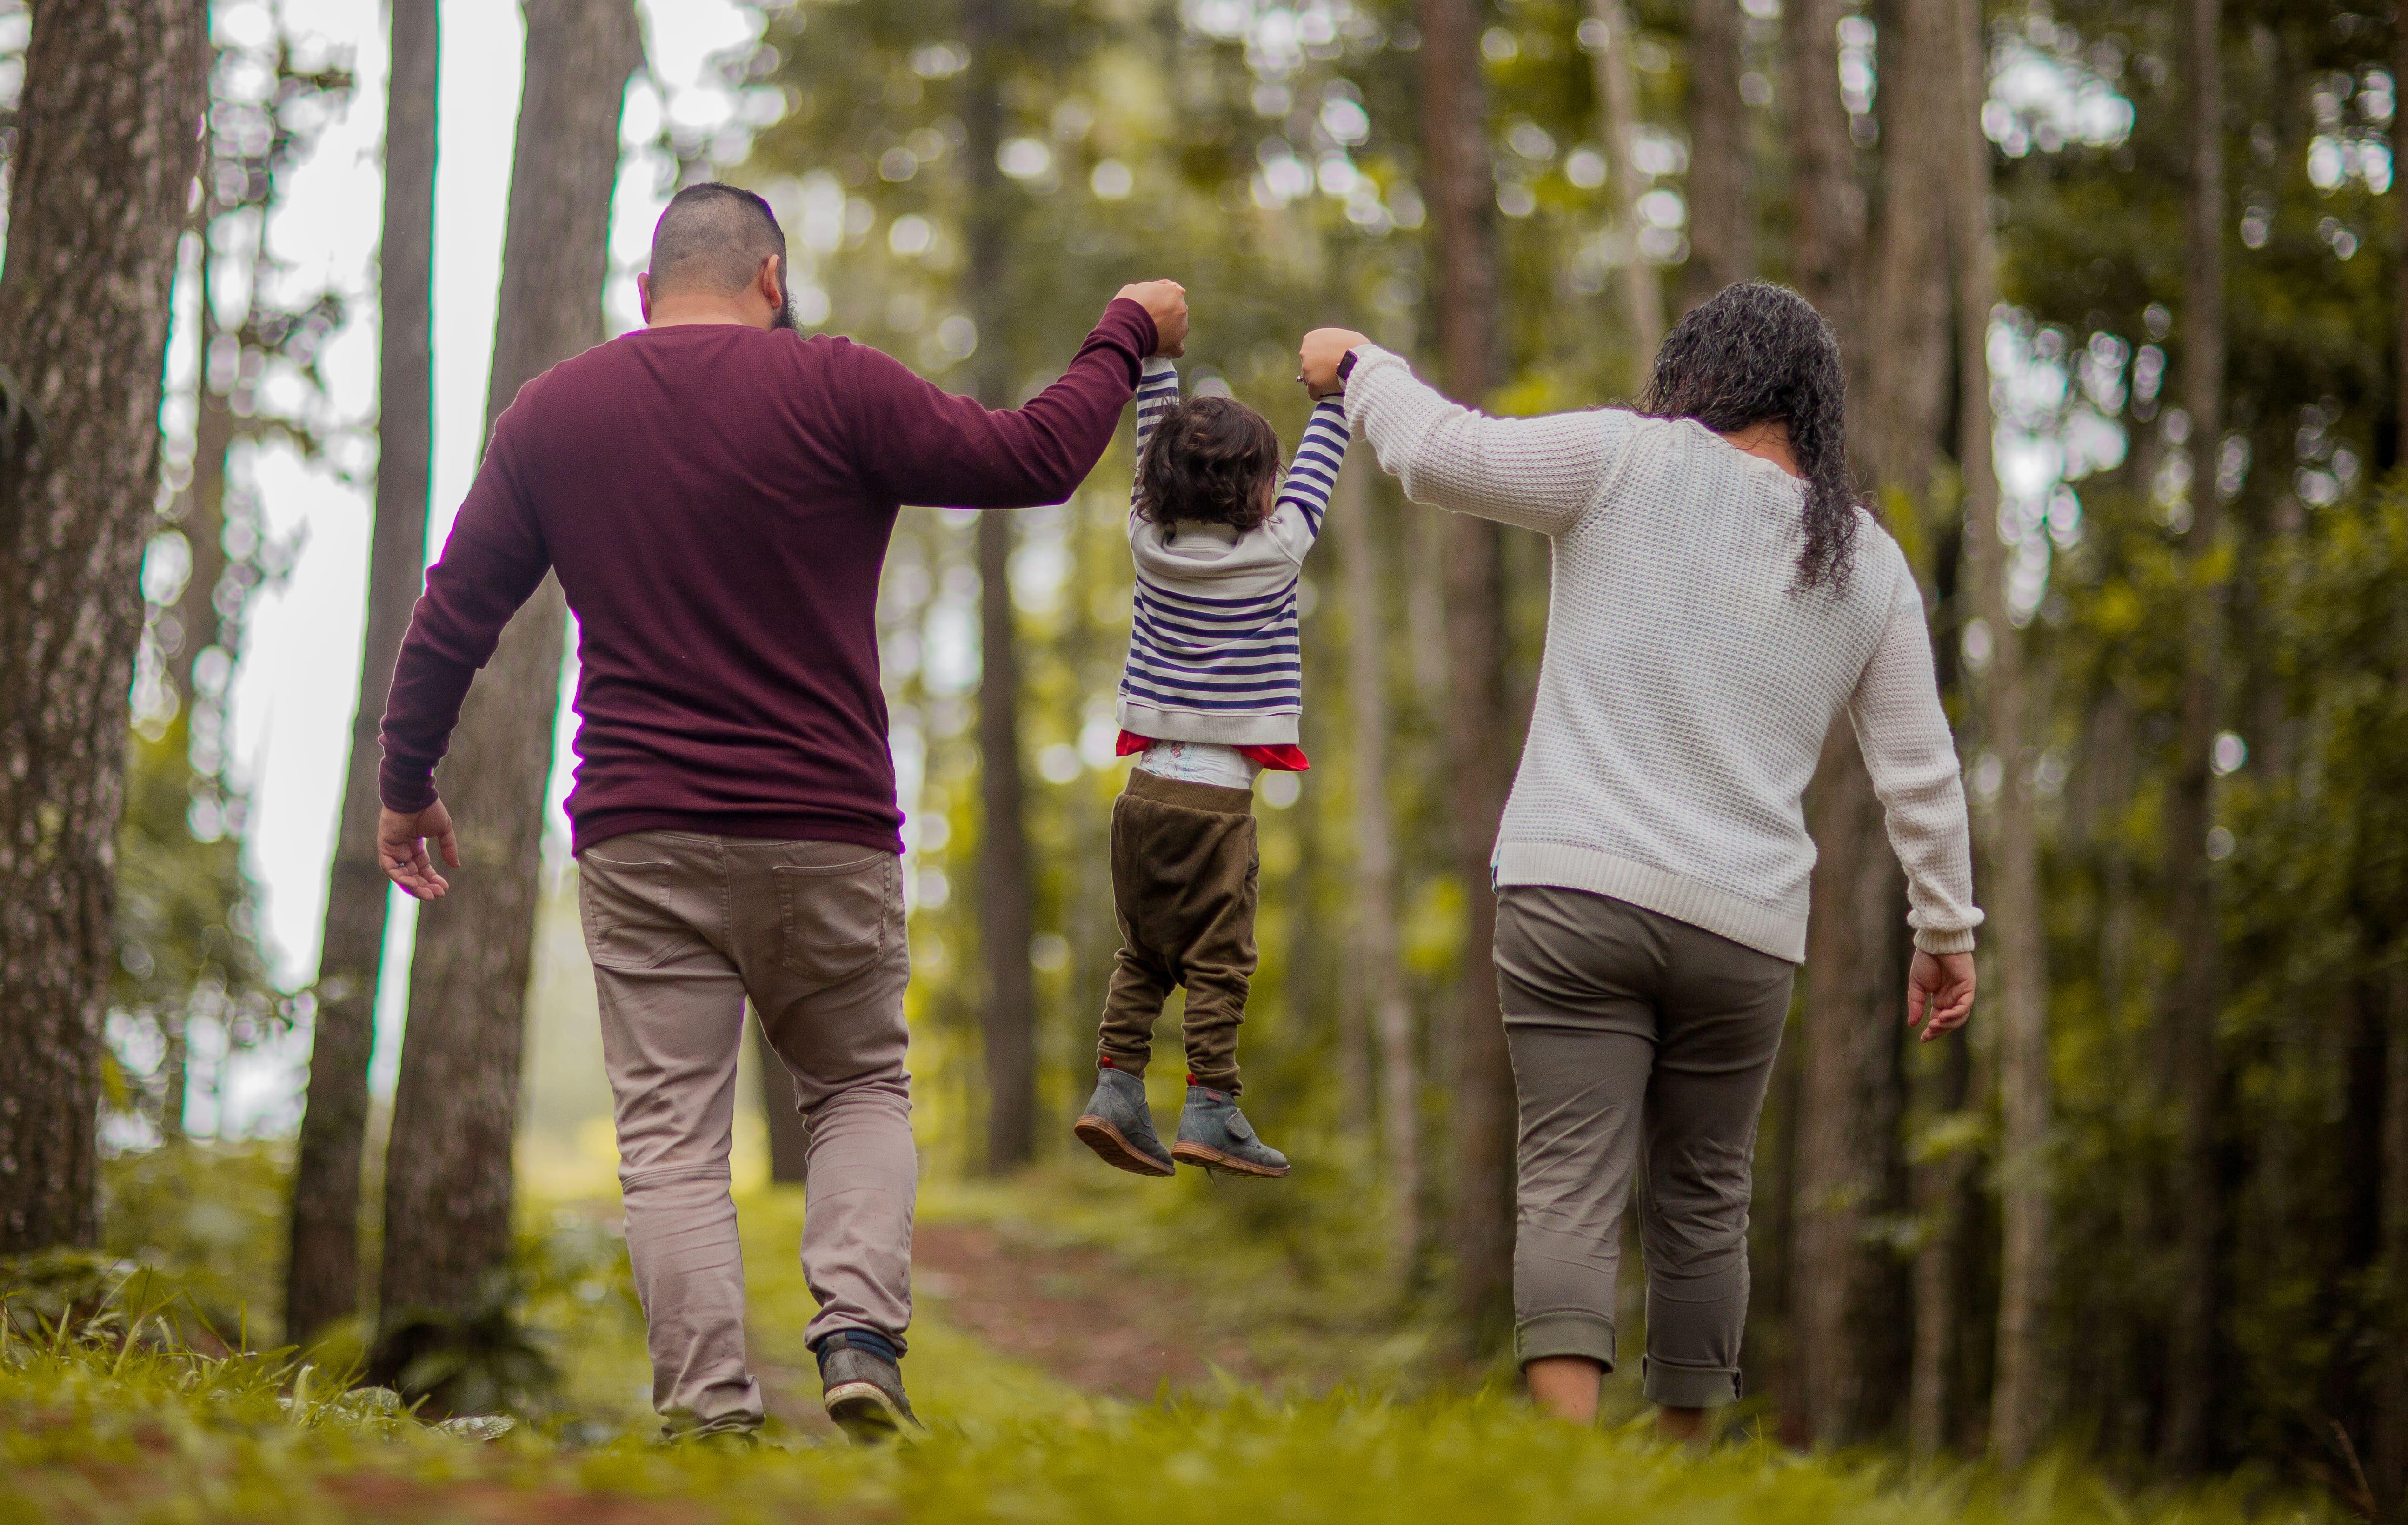 family walking in open green forest outside of London